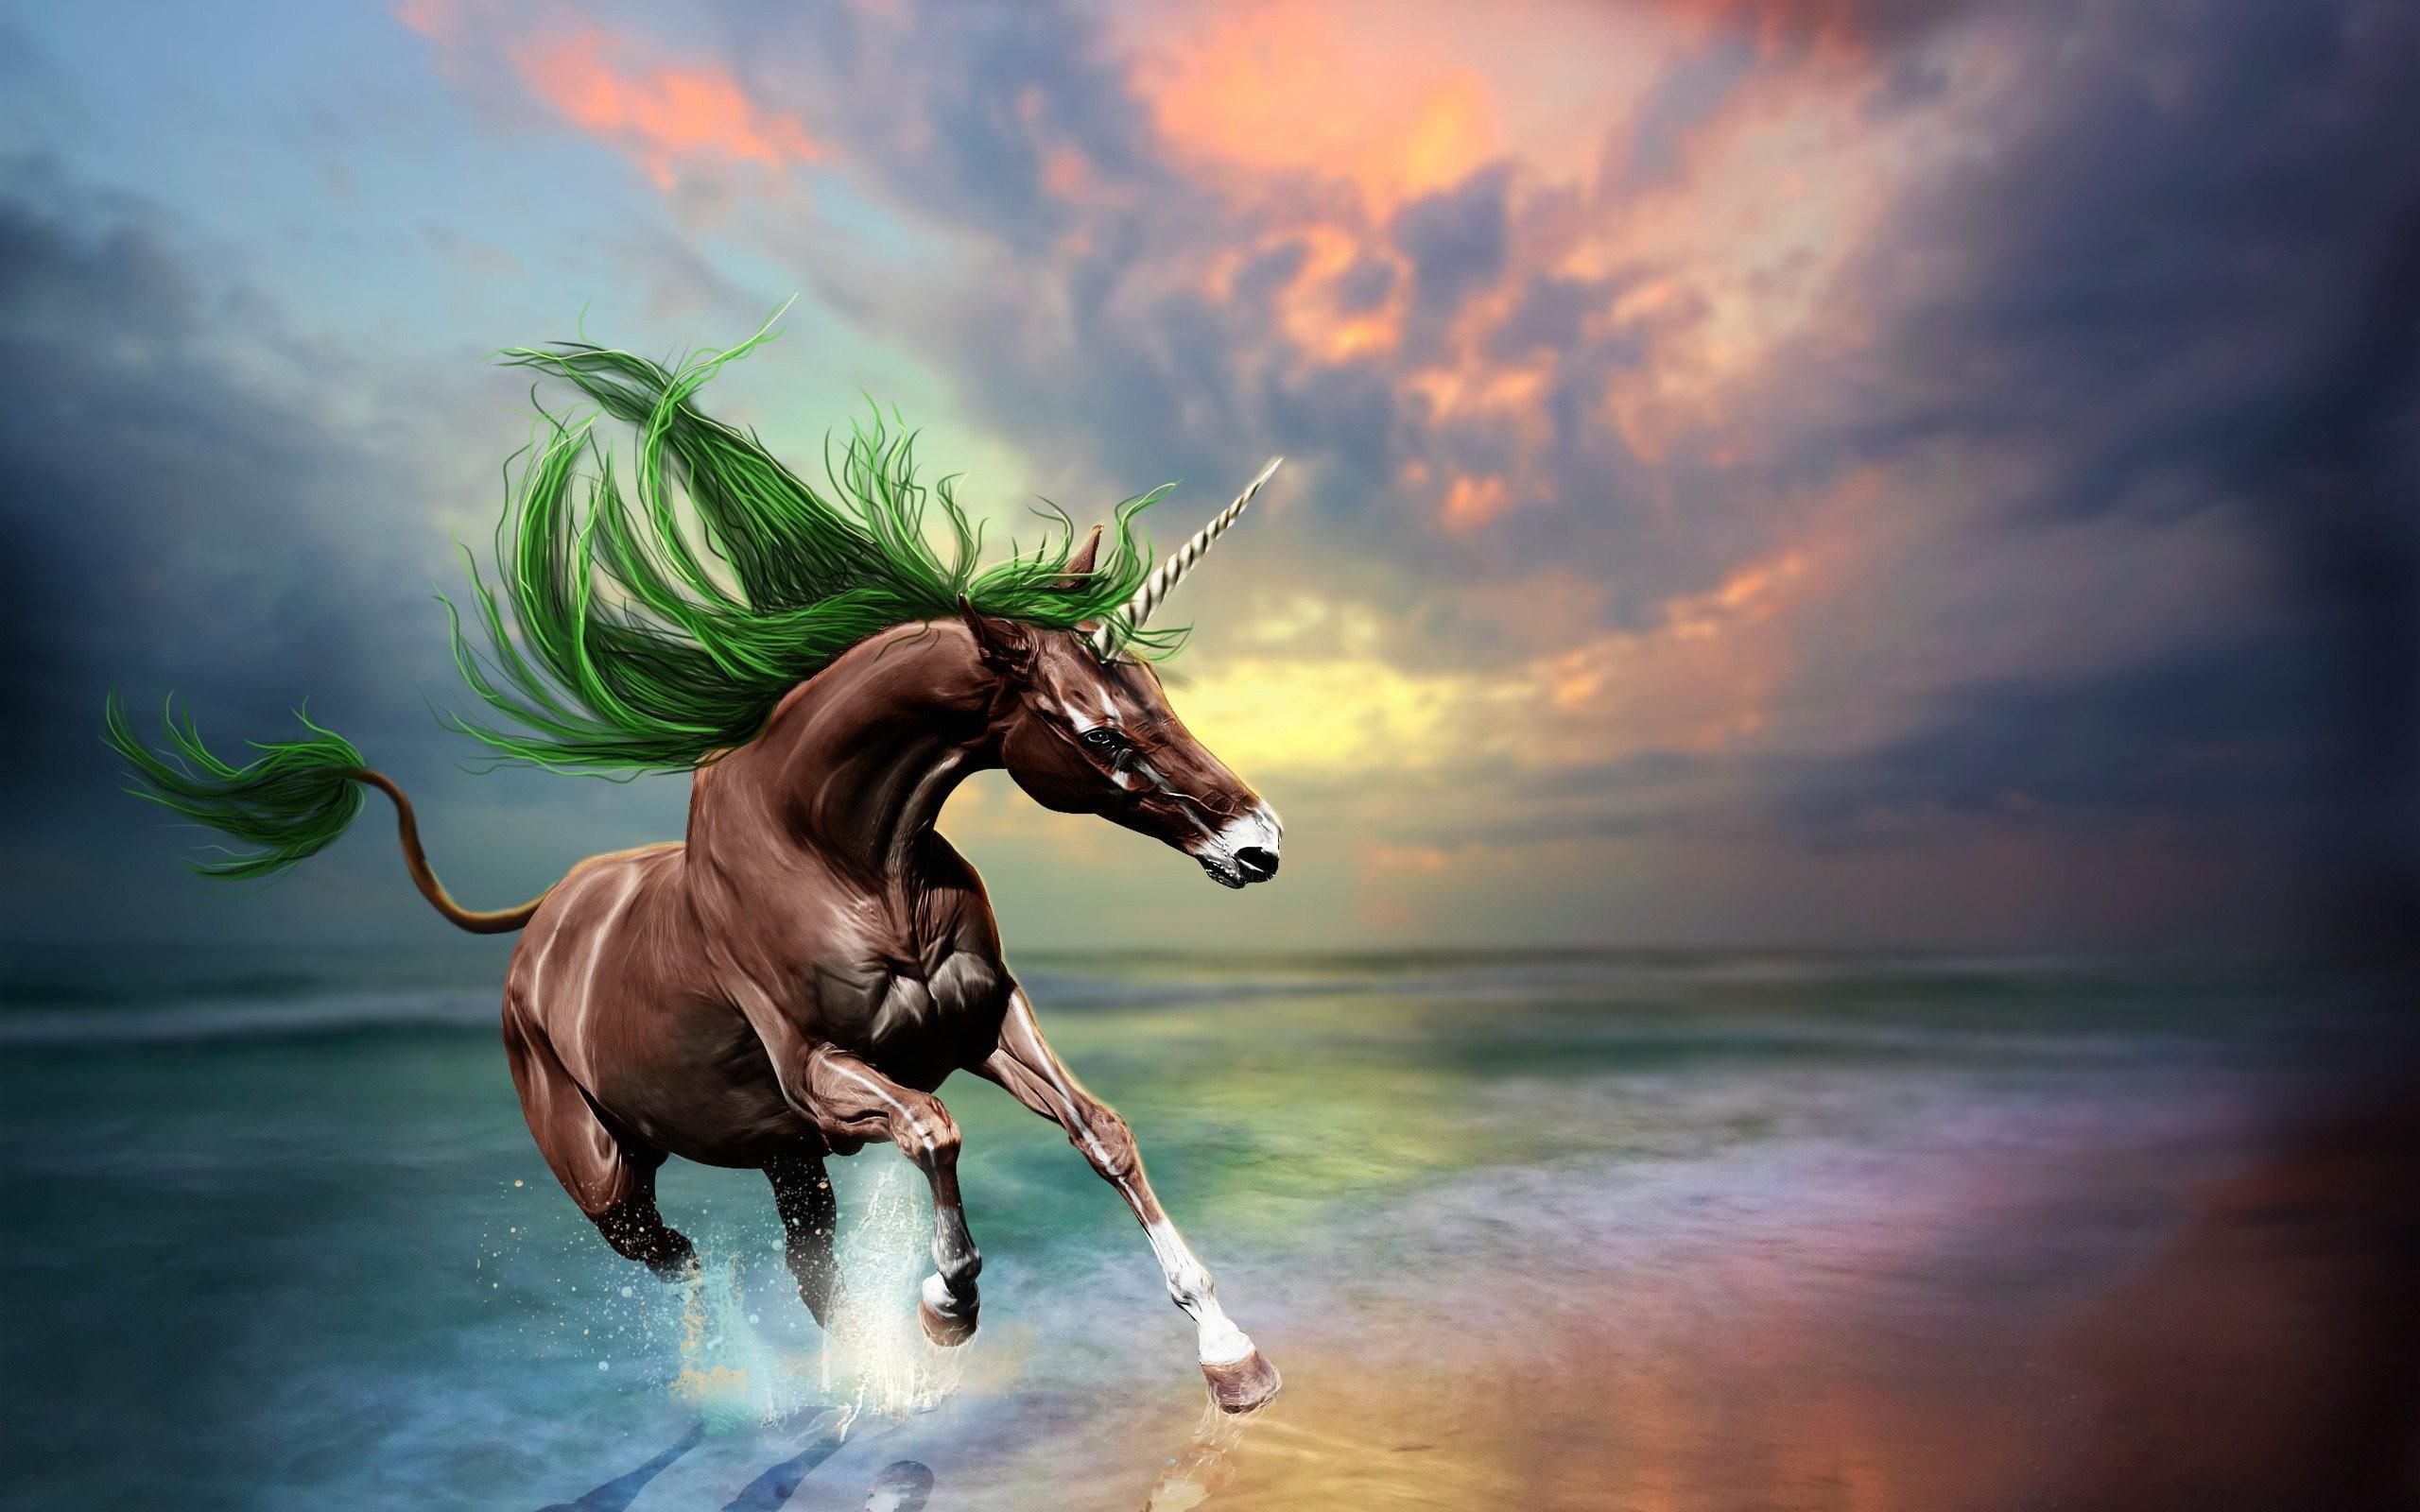 Live 738952. SHARE. TAGS: Unicorn Animated Background Animation Animals